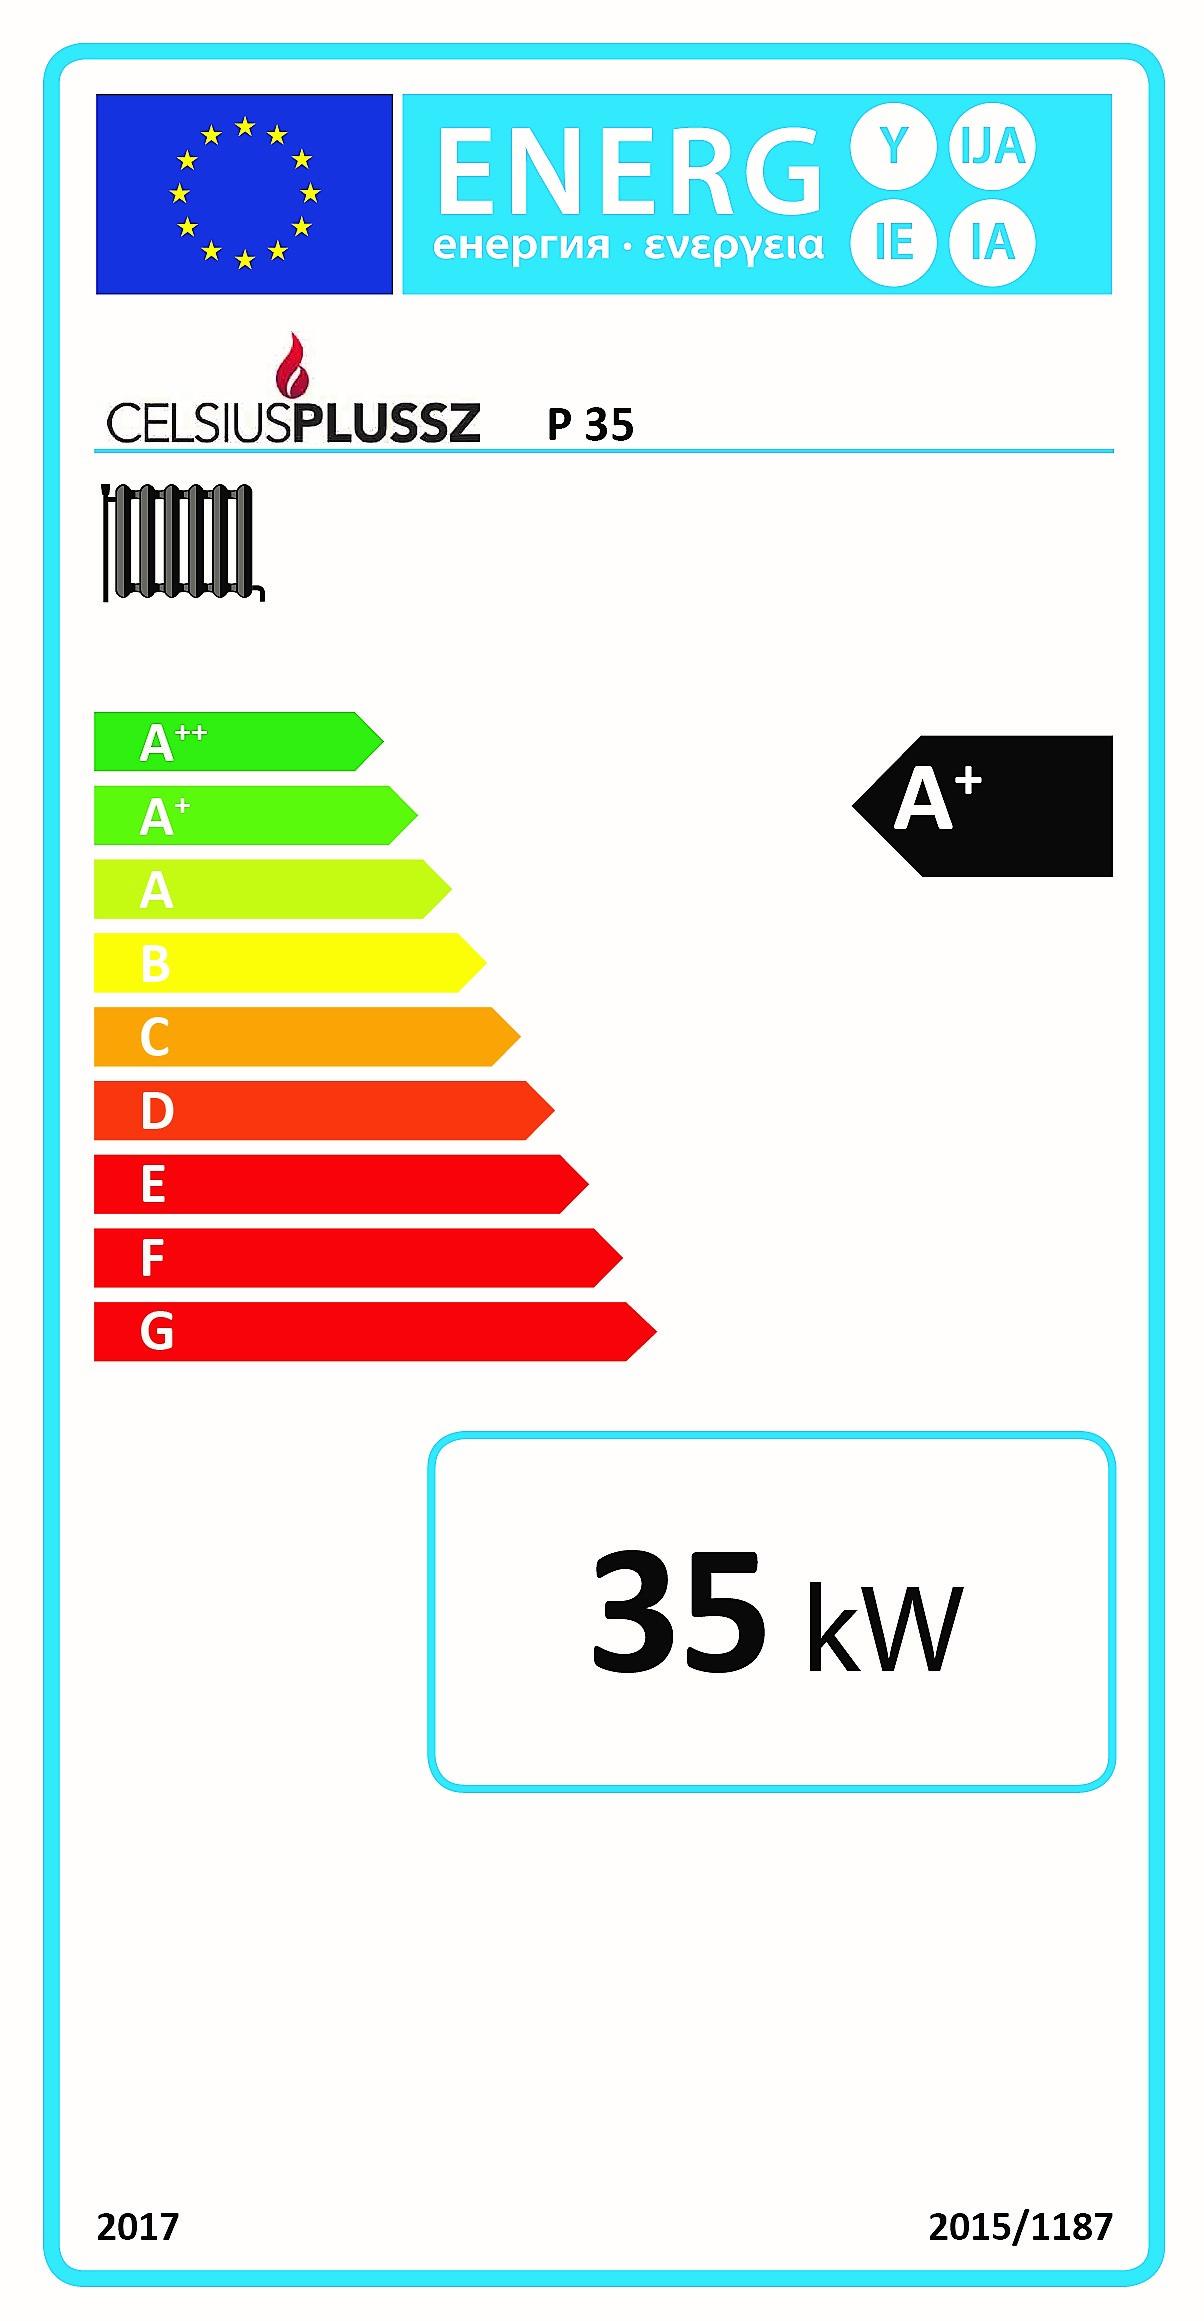 Celsius P 35 energiacímke